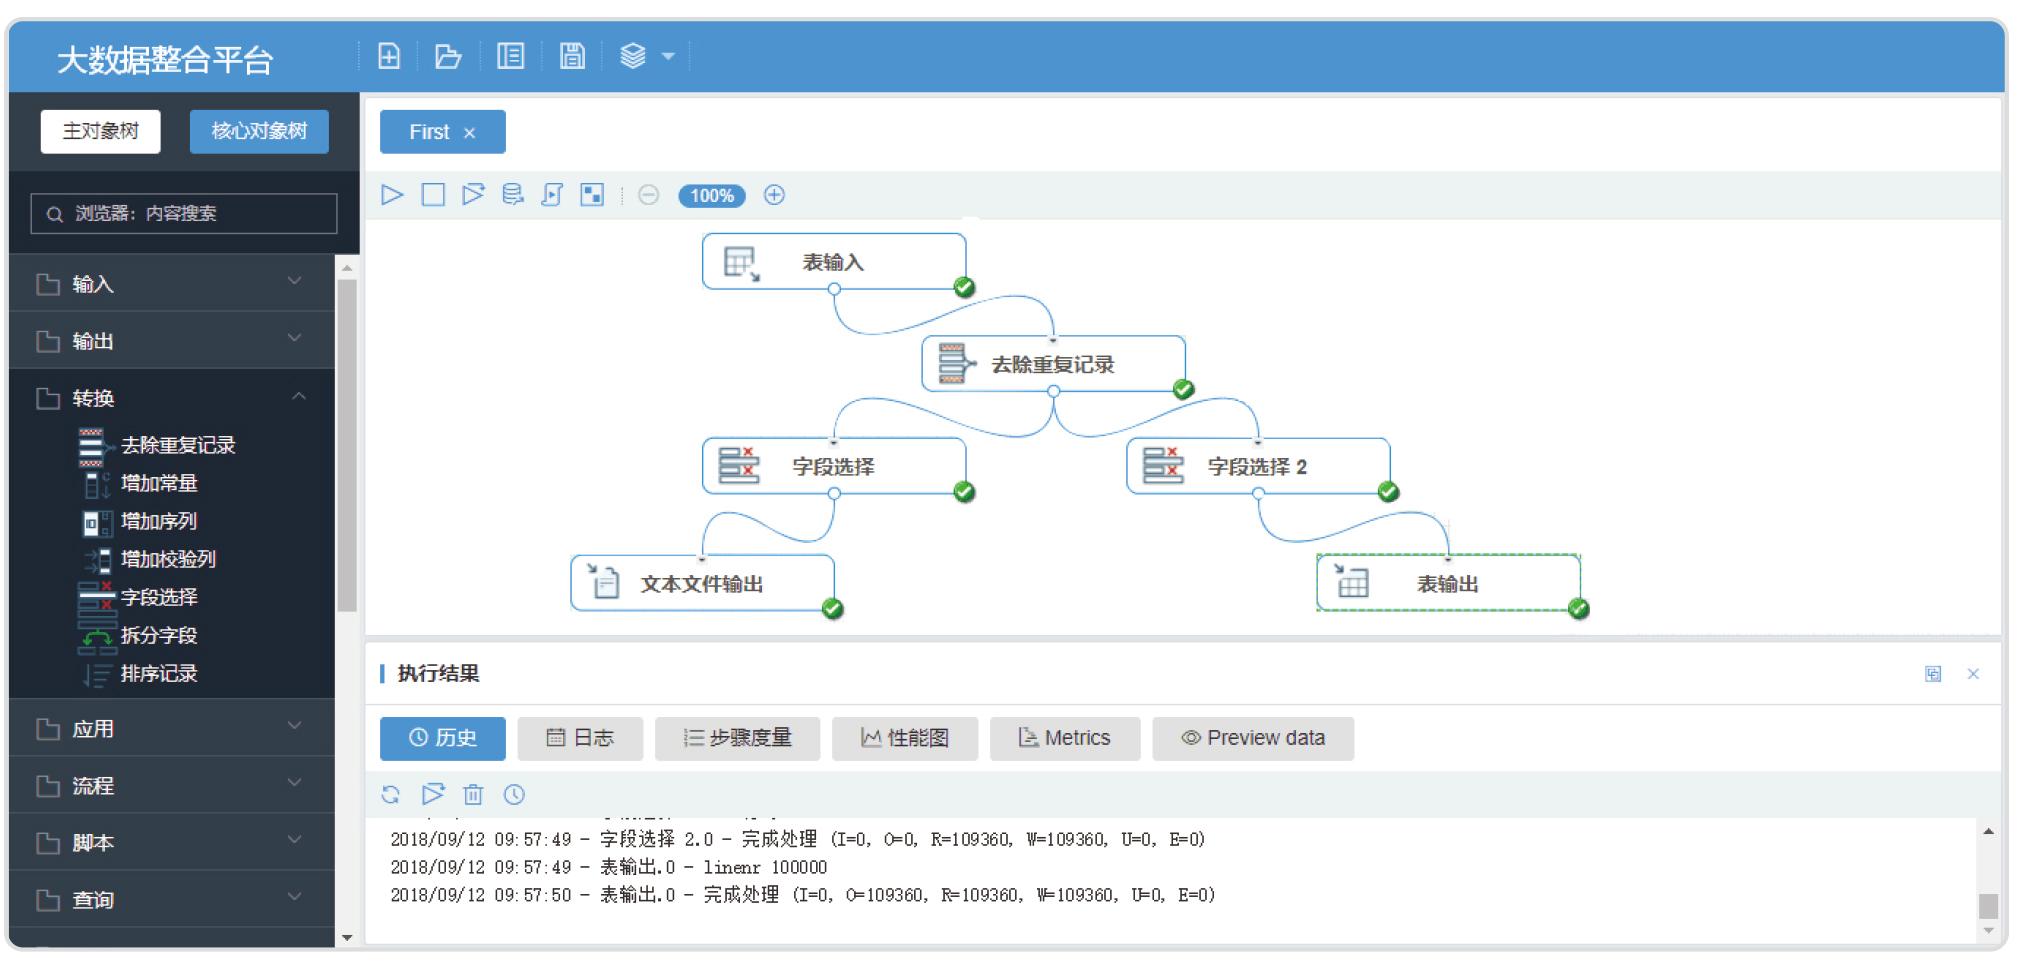 大数据整合平台.jpg